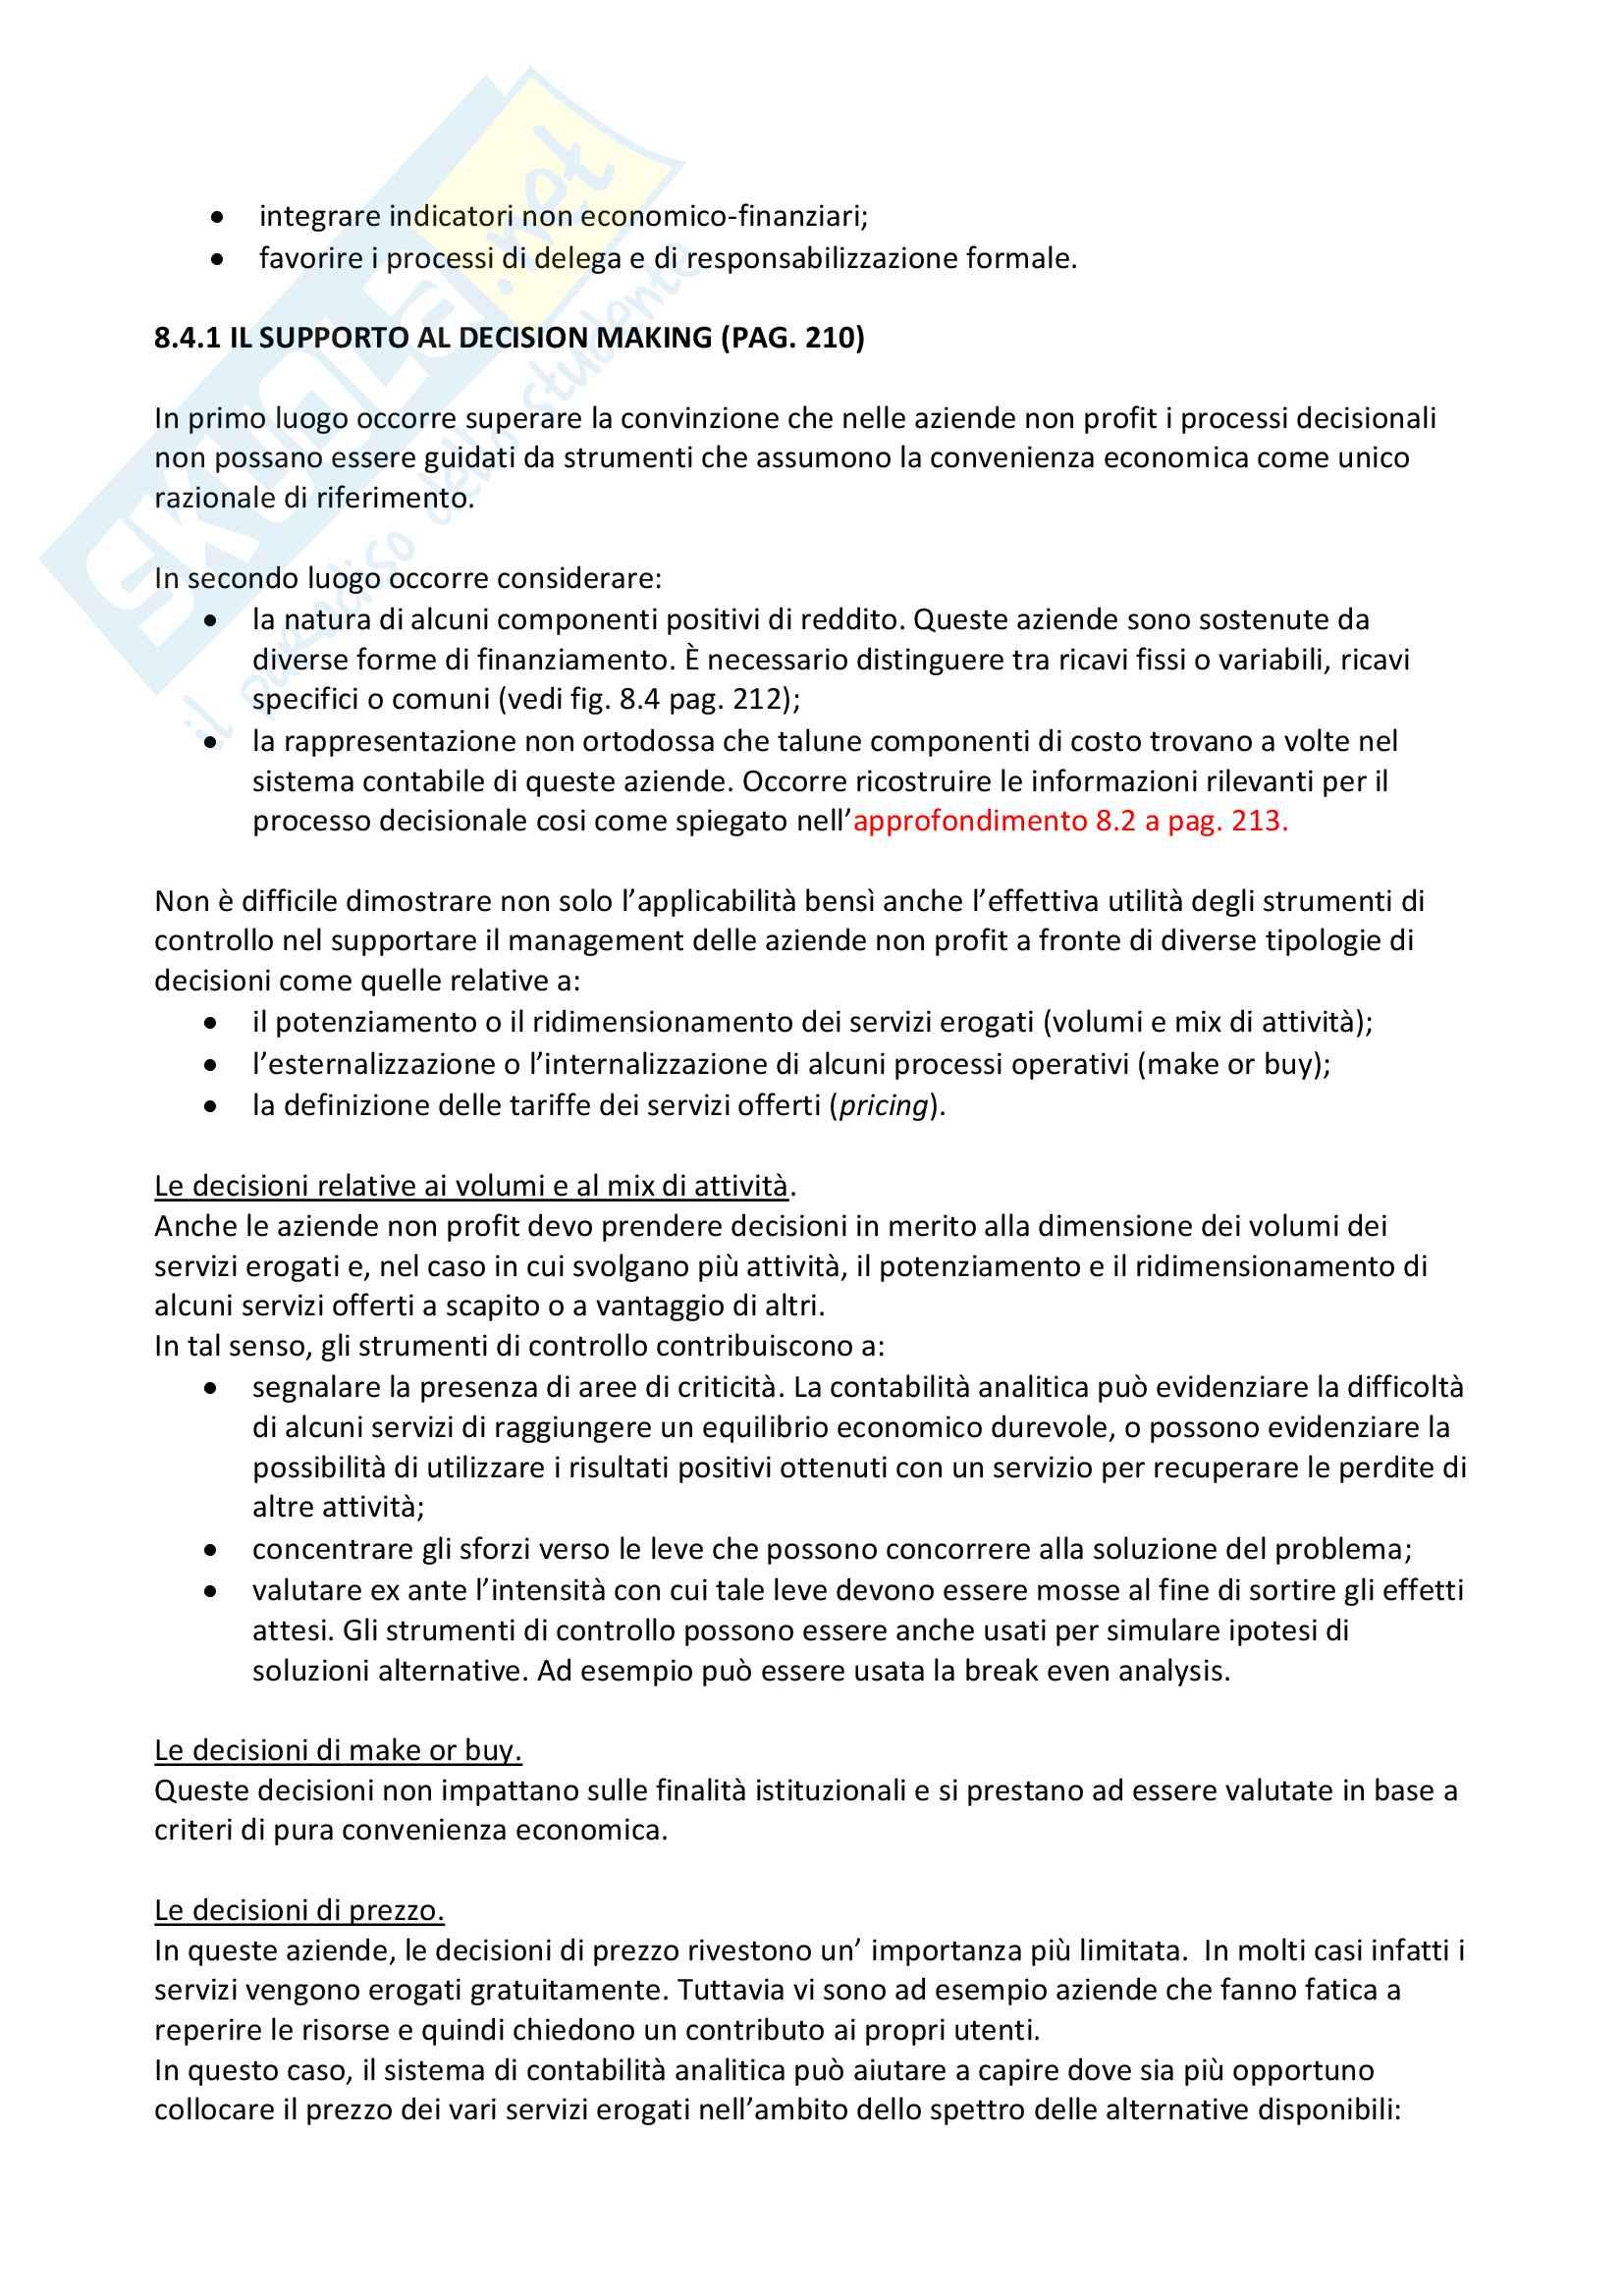 Riassunto esame programmazione e controllo progredito prof. baraldi libro consigliato I Sistemi di controllo direzionale autore Baraldi Pag. 51